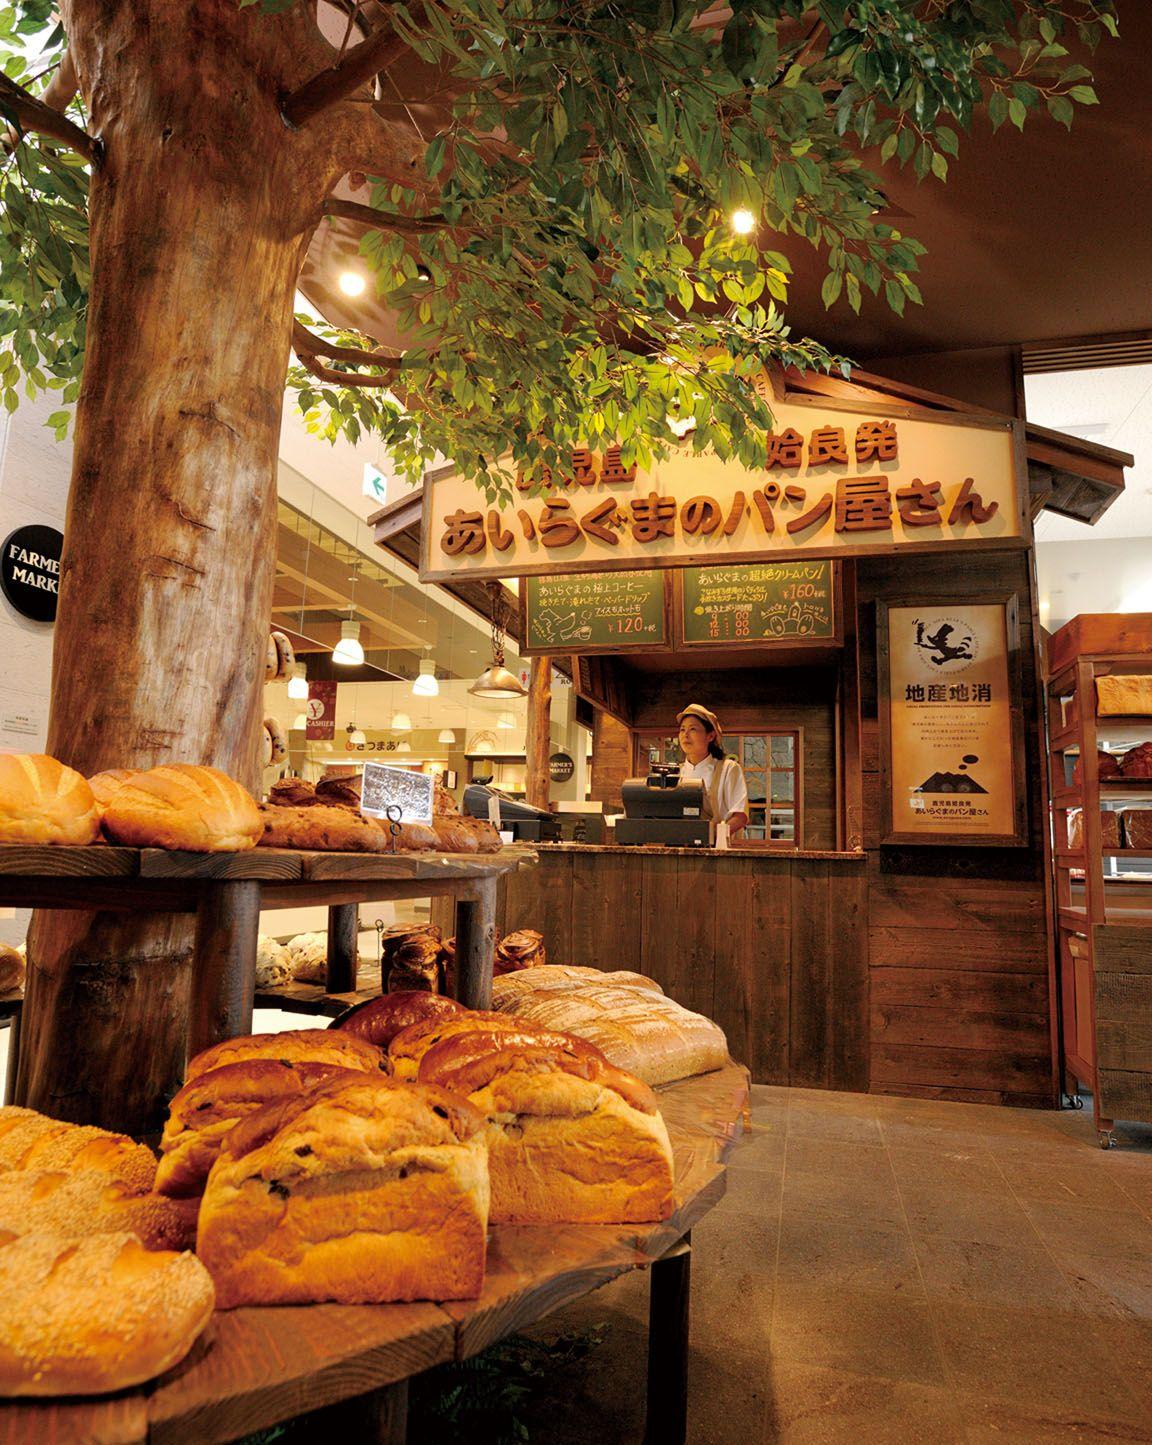 japanese bakery bakery shop design pinterest bakery shop